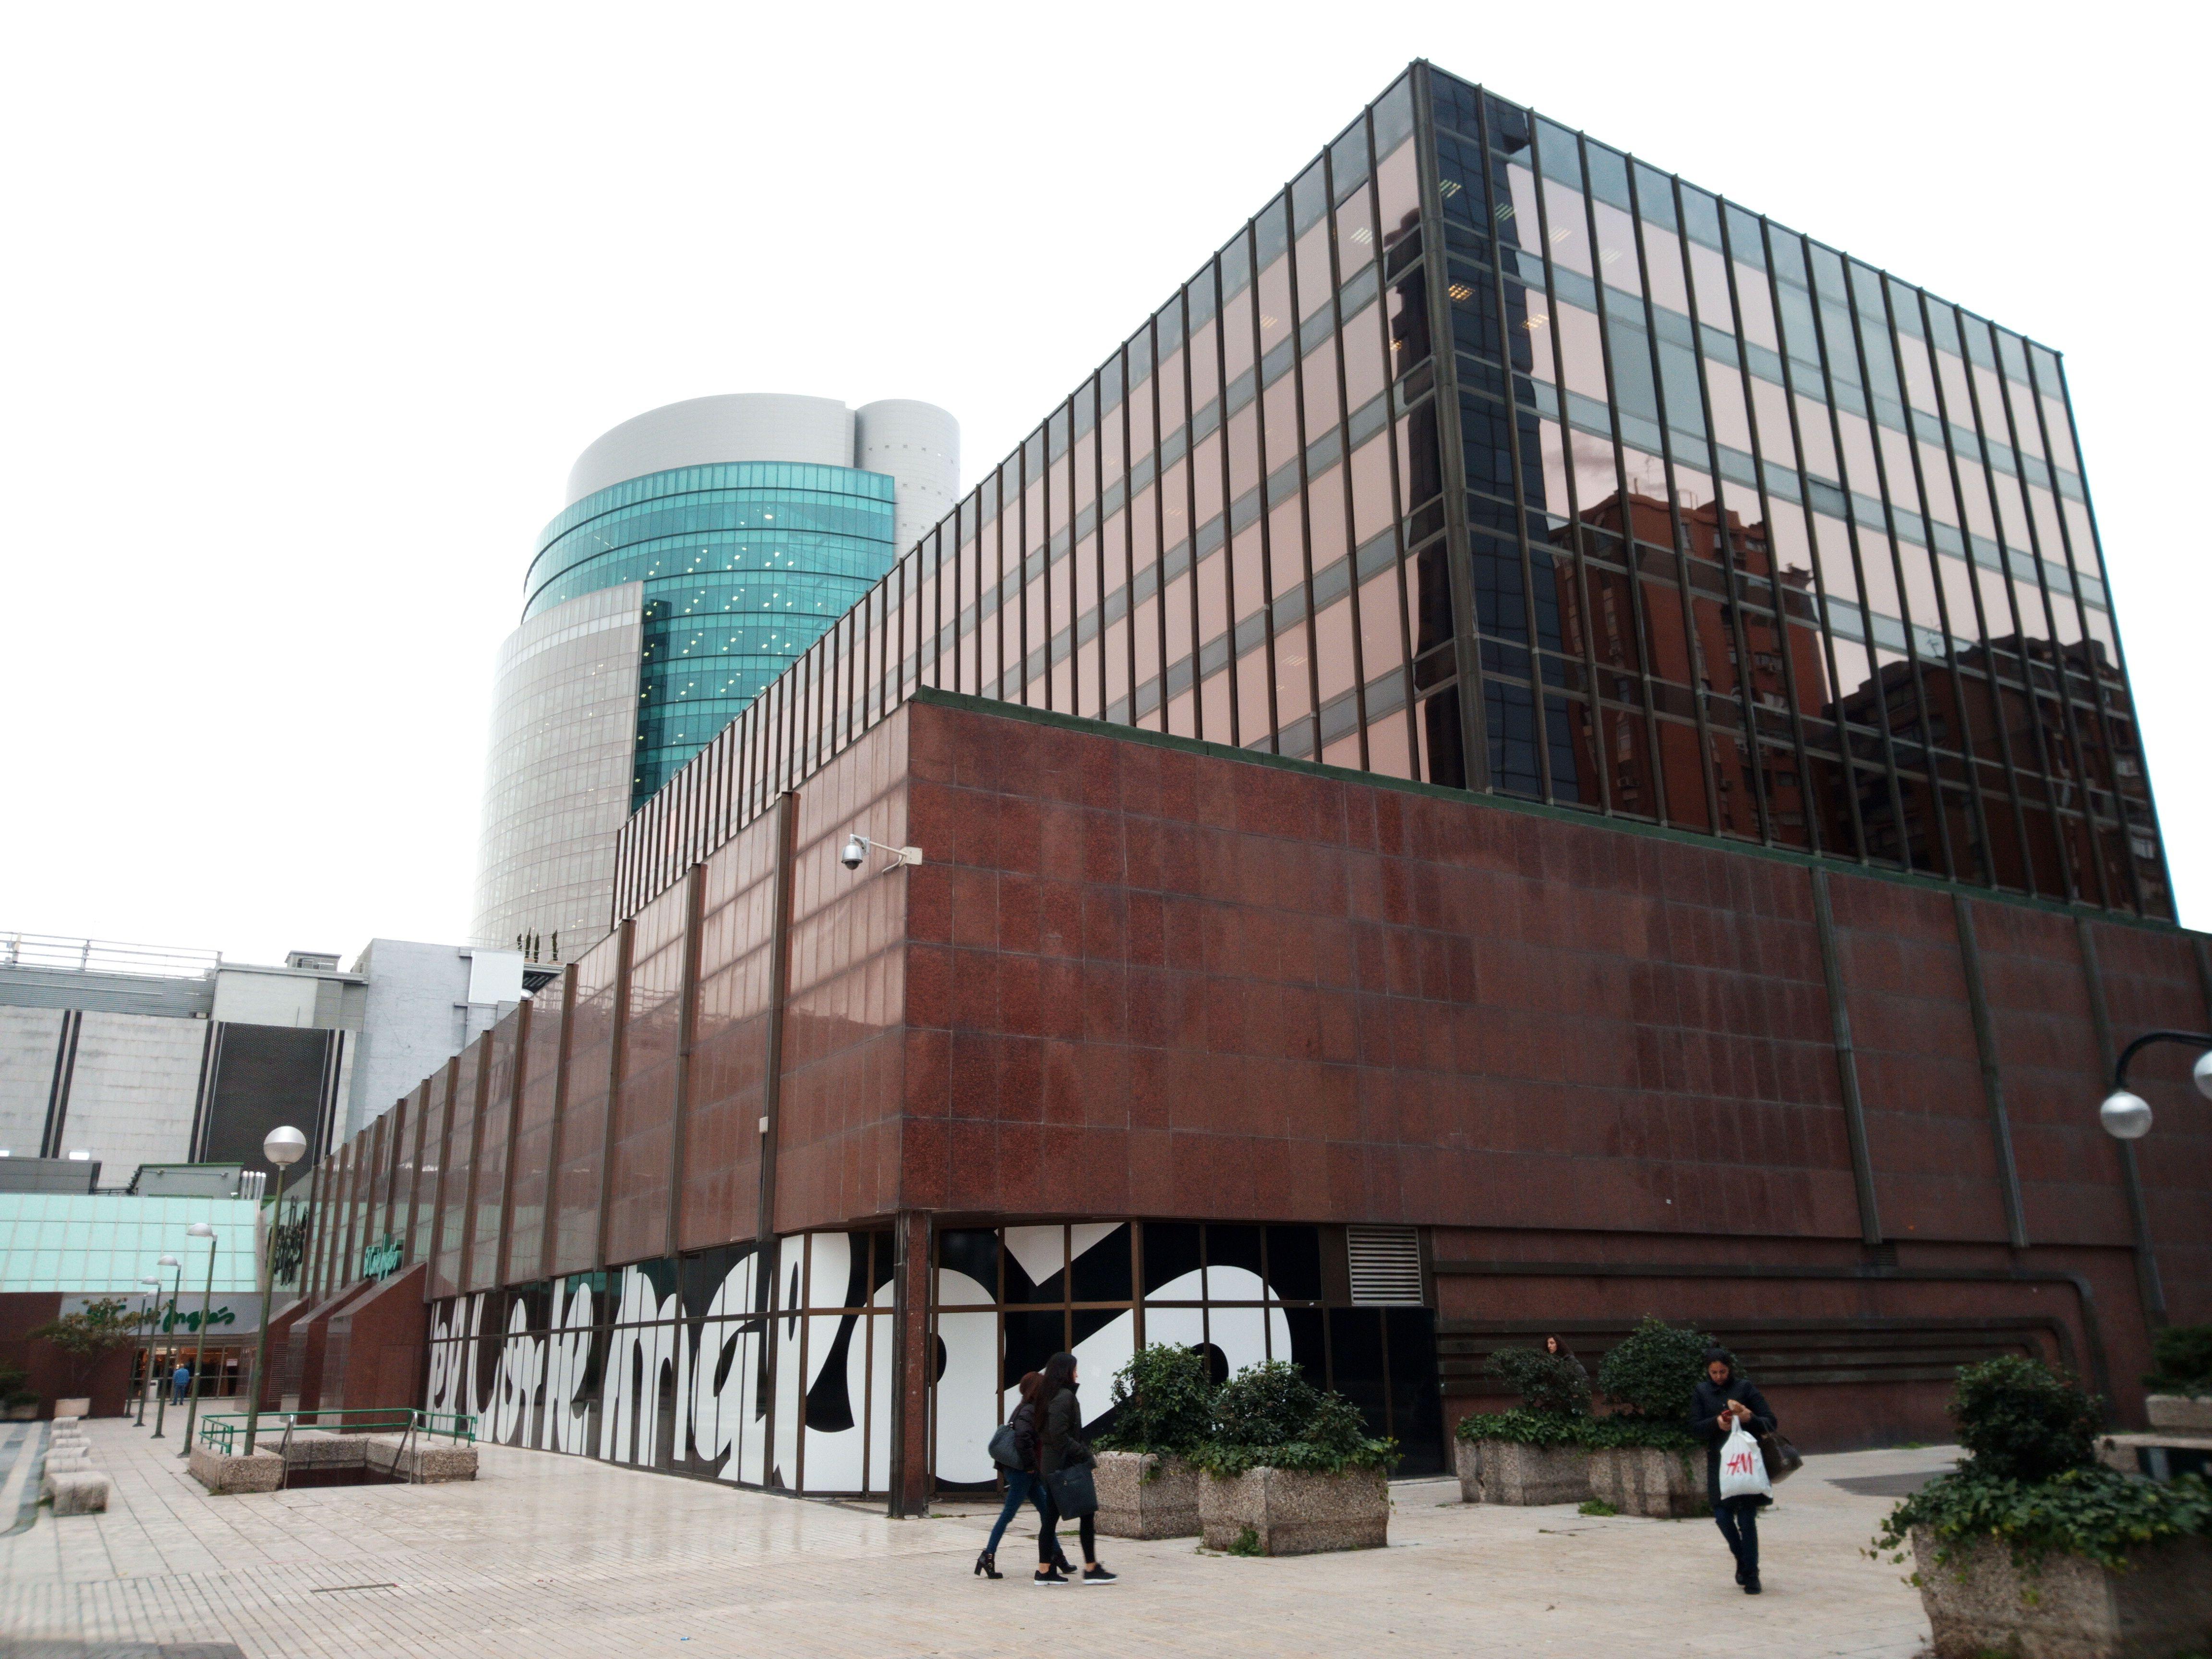 Madrid Azca Edificio Bronce De El Corte Ingl S Y Torre Titania  ~ Reformas El Corte Ingles Opiniones